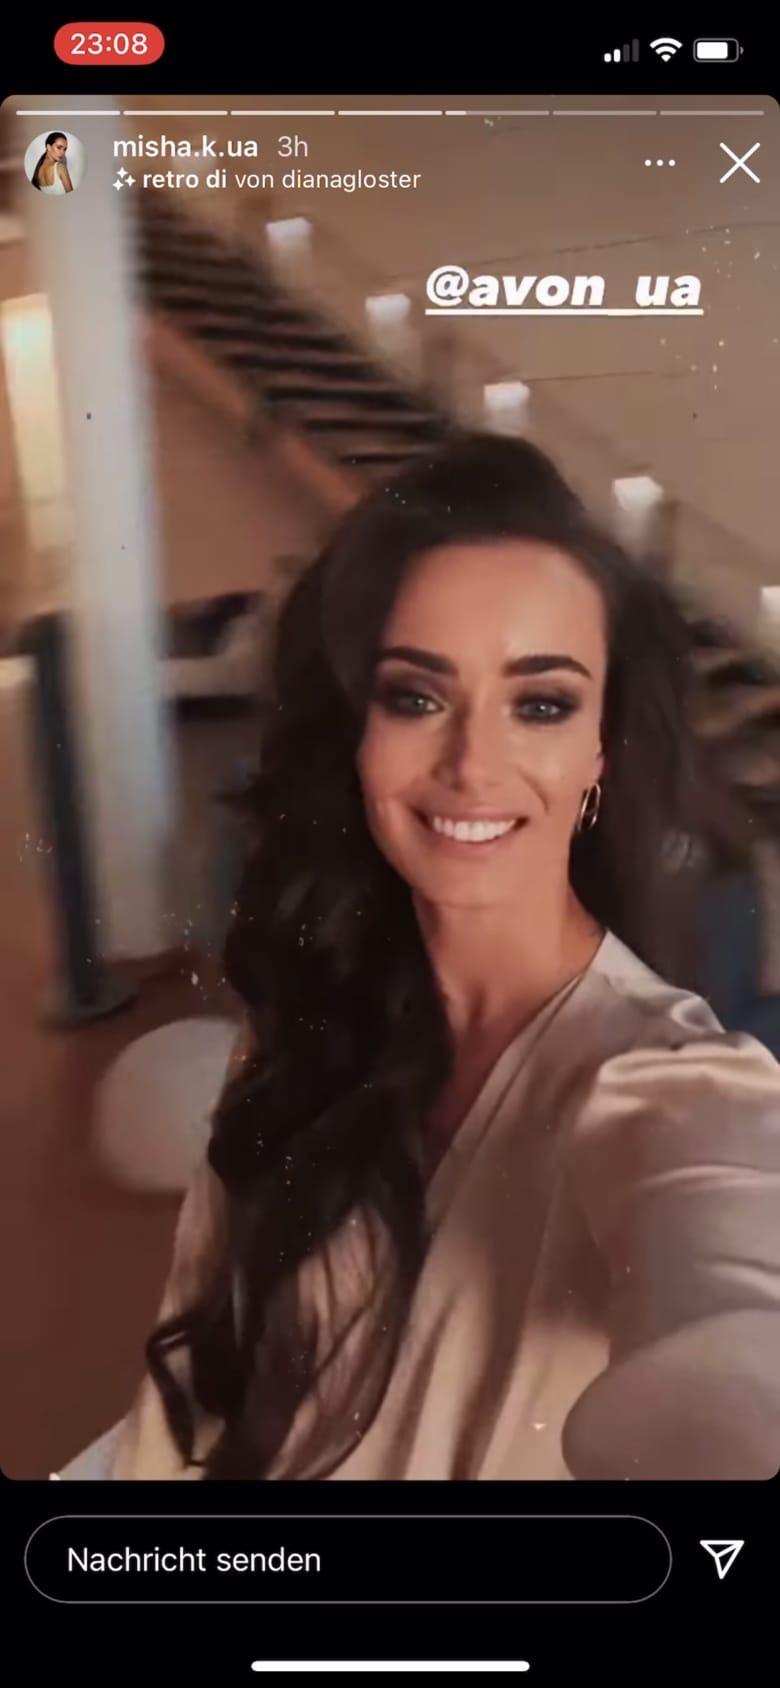 Ksenia Mishina - Sasha Ellert - Bachelorette Ukraine -  Season 1 - Discussion  - Page 5 Wlg2t6kju0Q